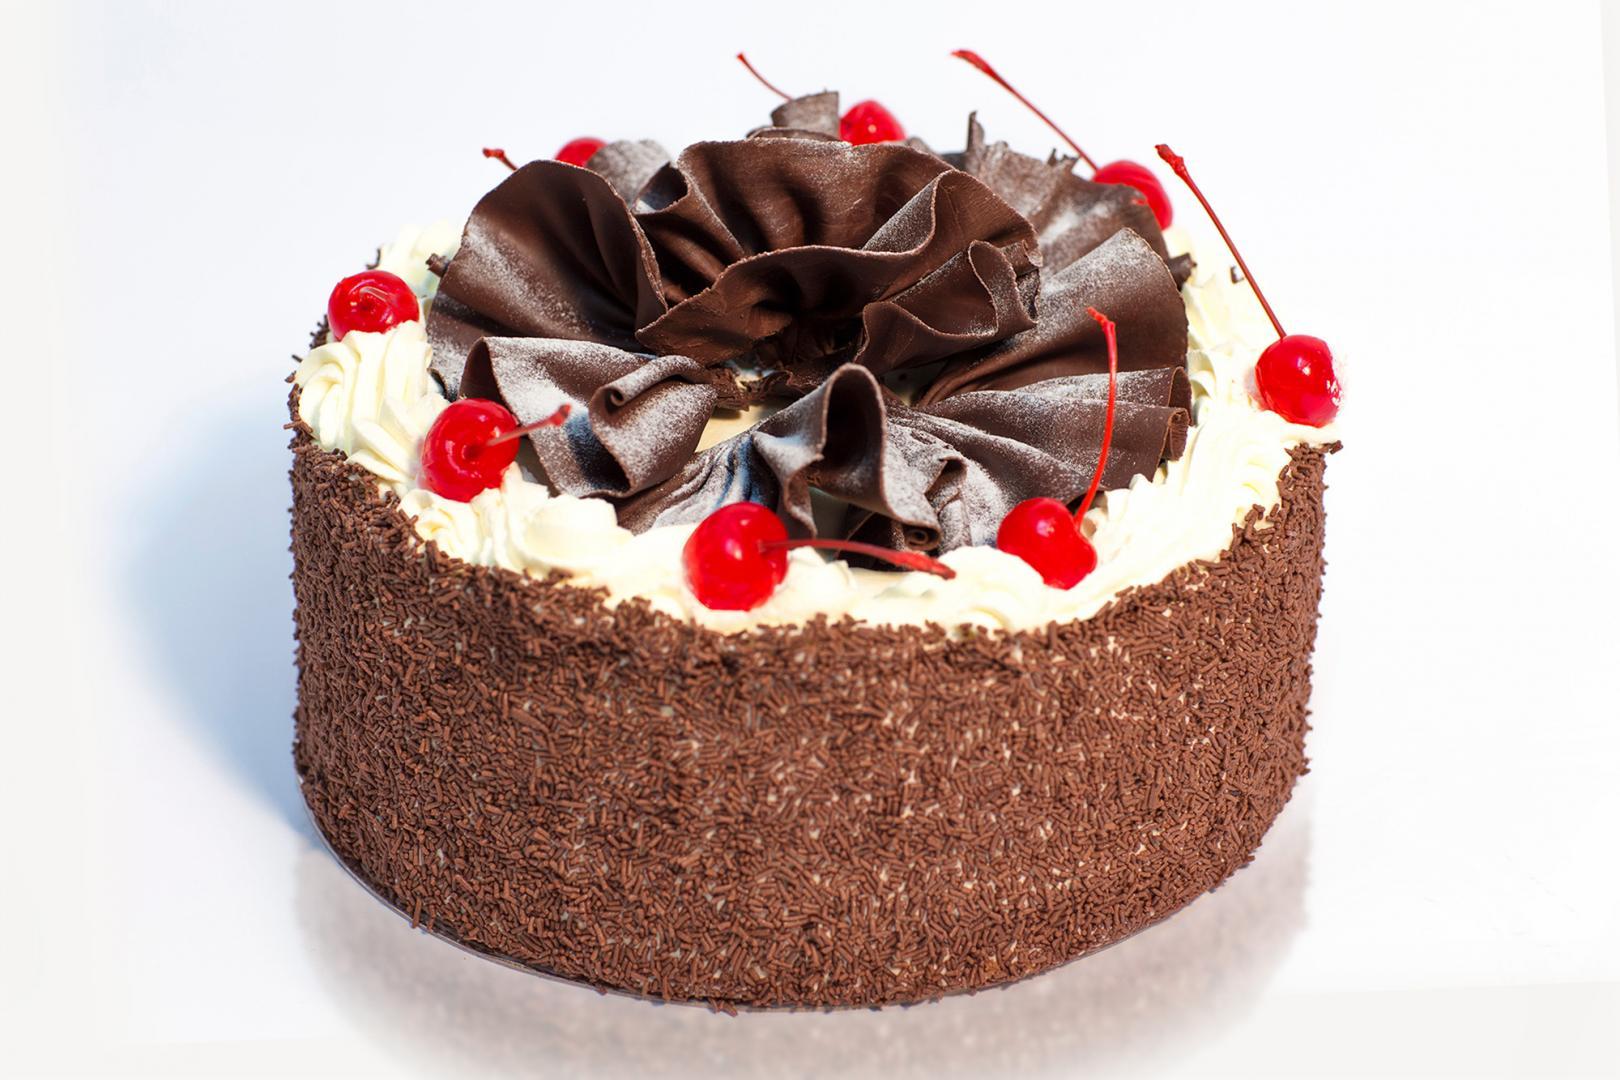 بهترین پودر کاکائو برای کیک